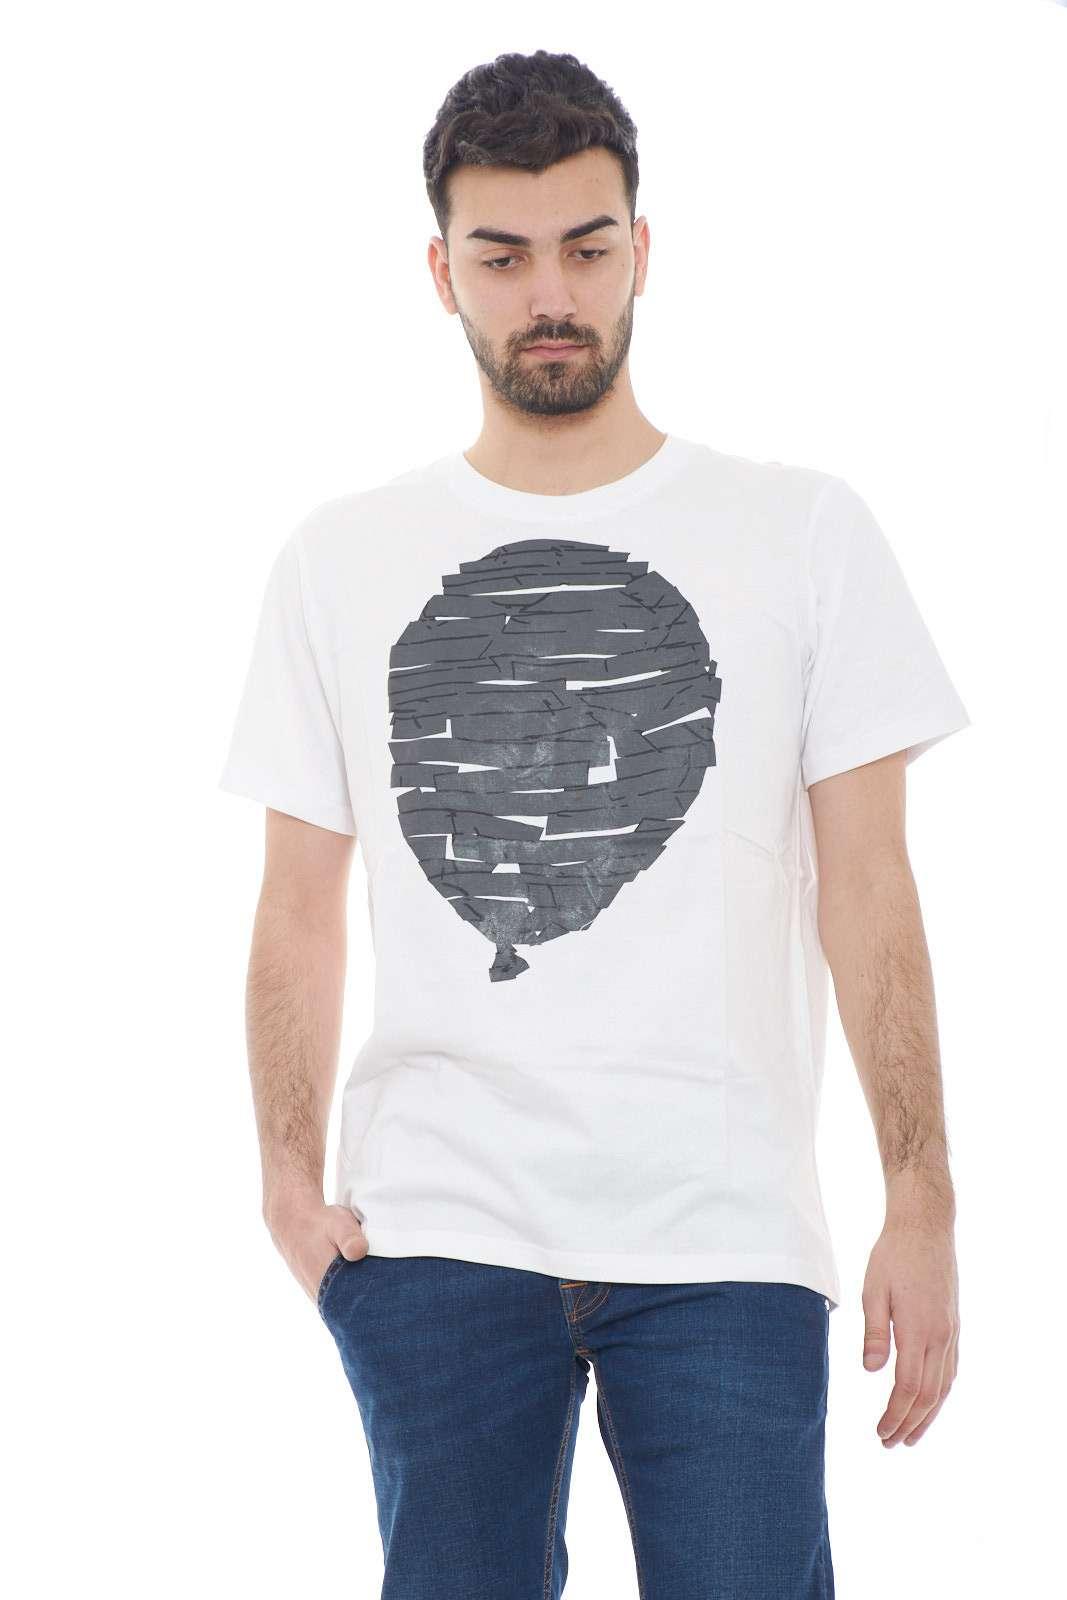 Scopri la nuova T shirt uomo firmata dalla collezione Malph.  Una simpatica maglia con una stampa gommata da indossare con gli stili più fashion.  Un essential per la collezione uomo.